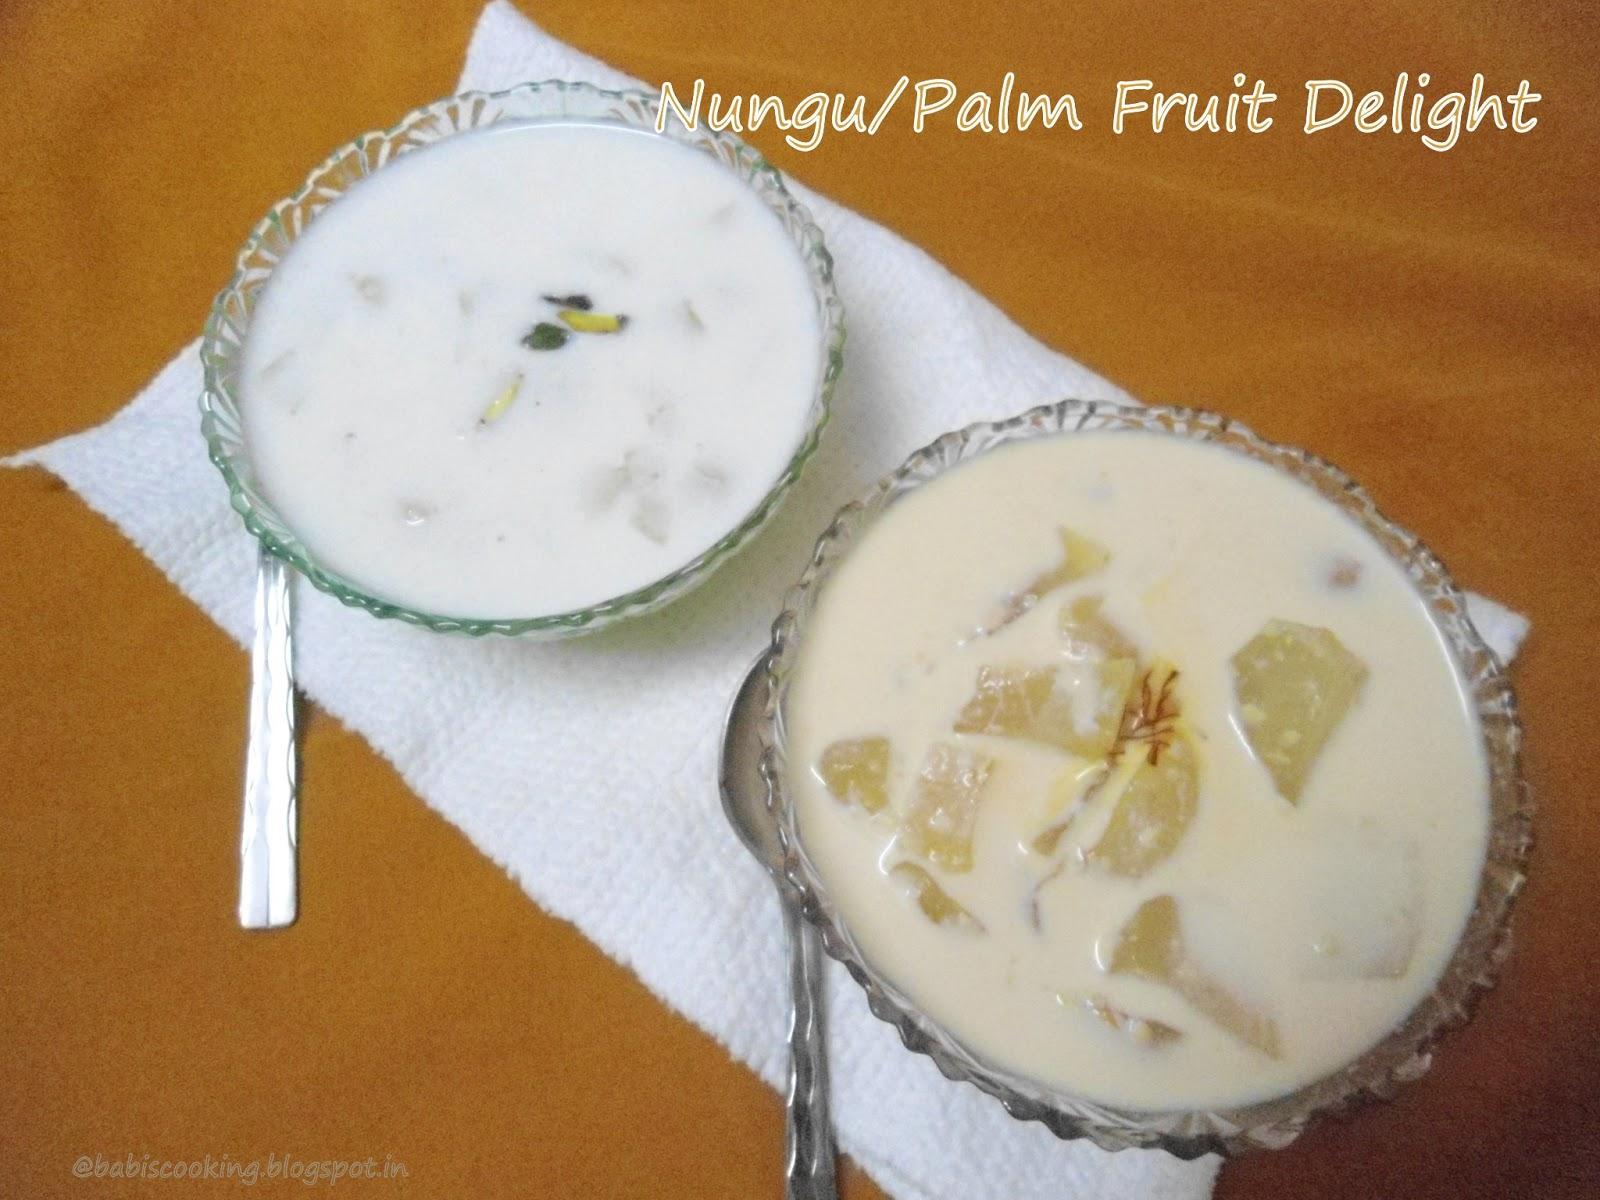 Nungu delight